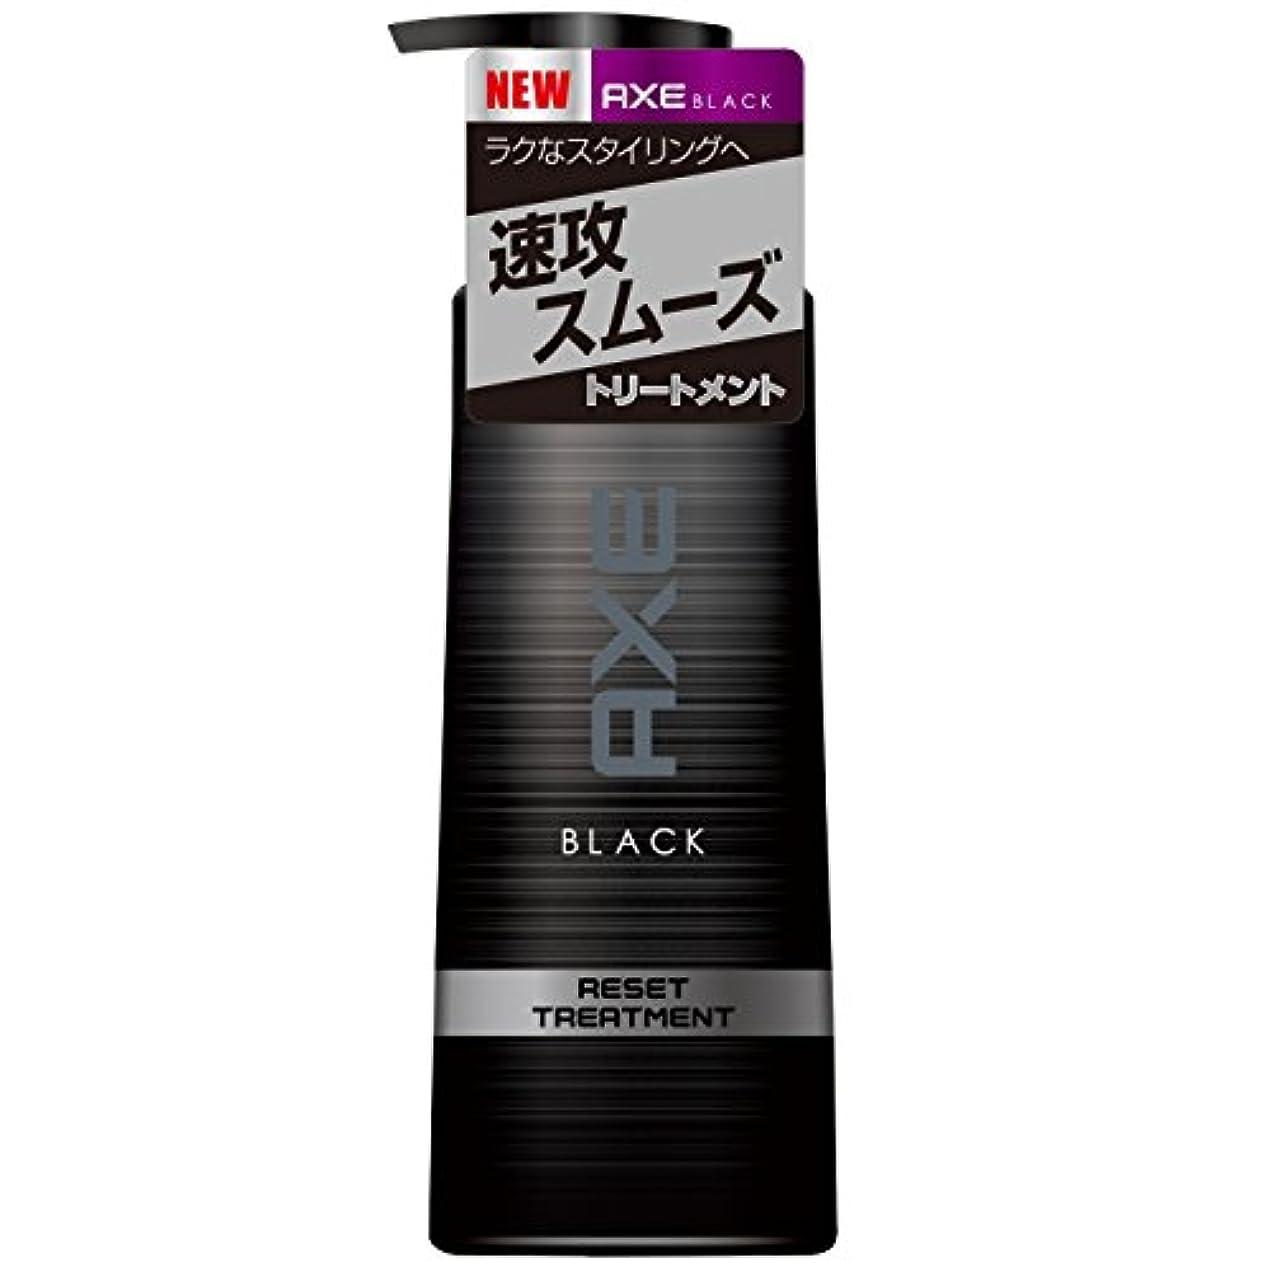 哺乳類責め輸血アックス ブラック 男性用 トリートメント ポンプ (速攻スムーズ、ラクなスタイリングへ) 350g (クールマリンのさりげない香り)